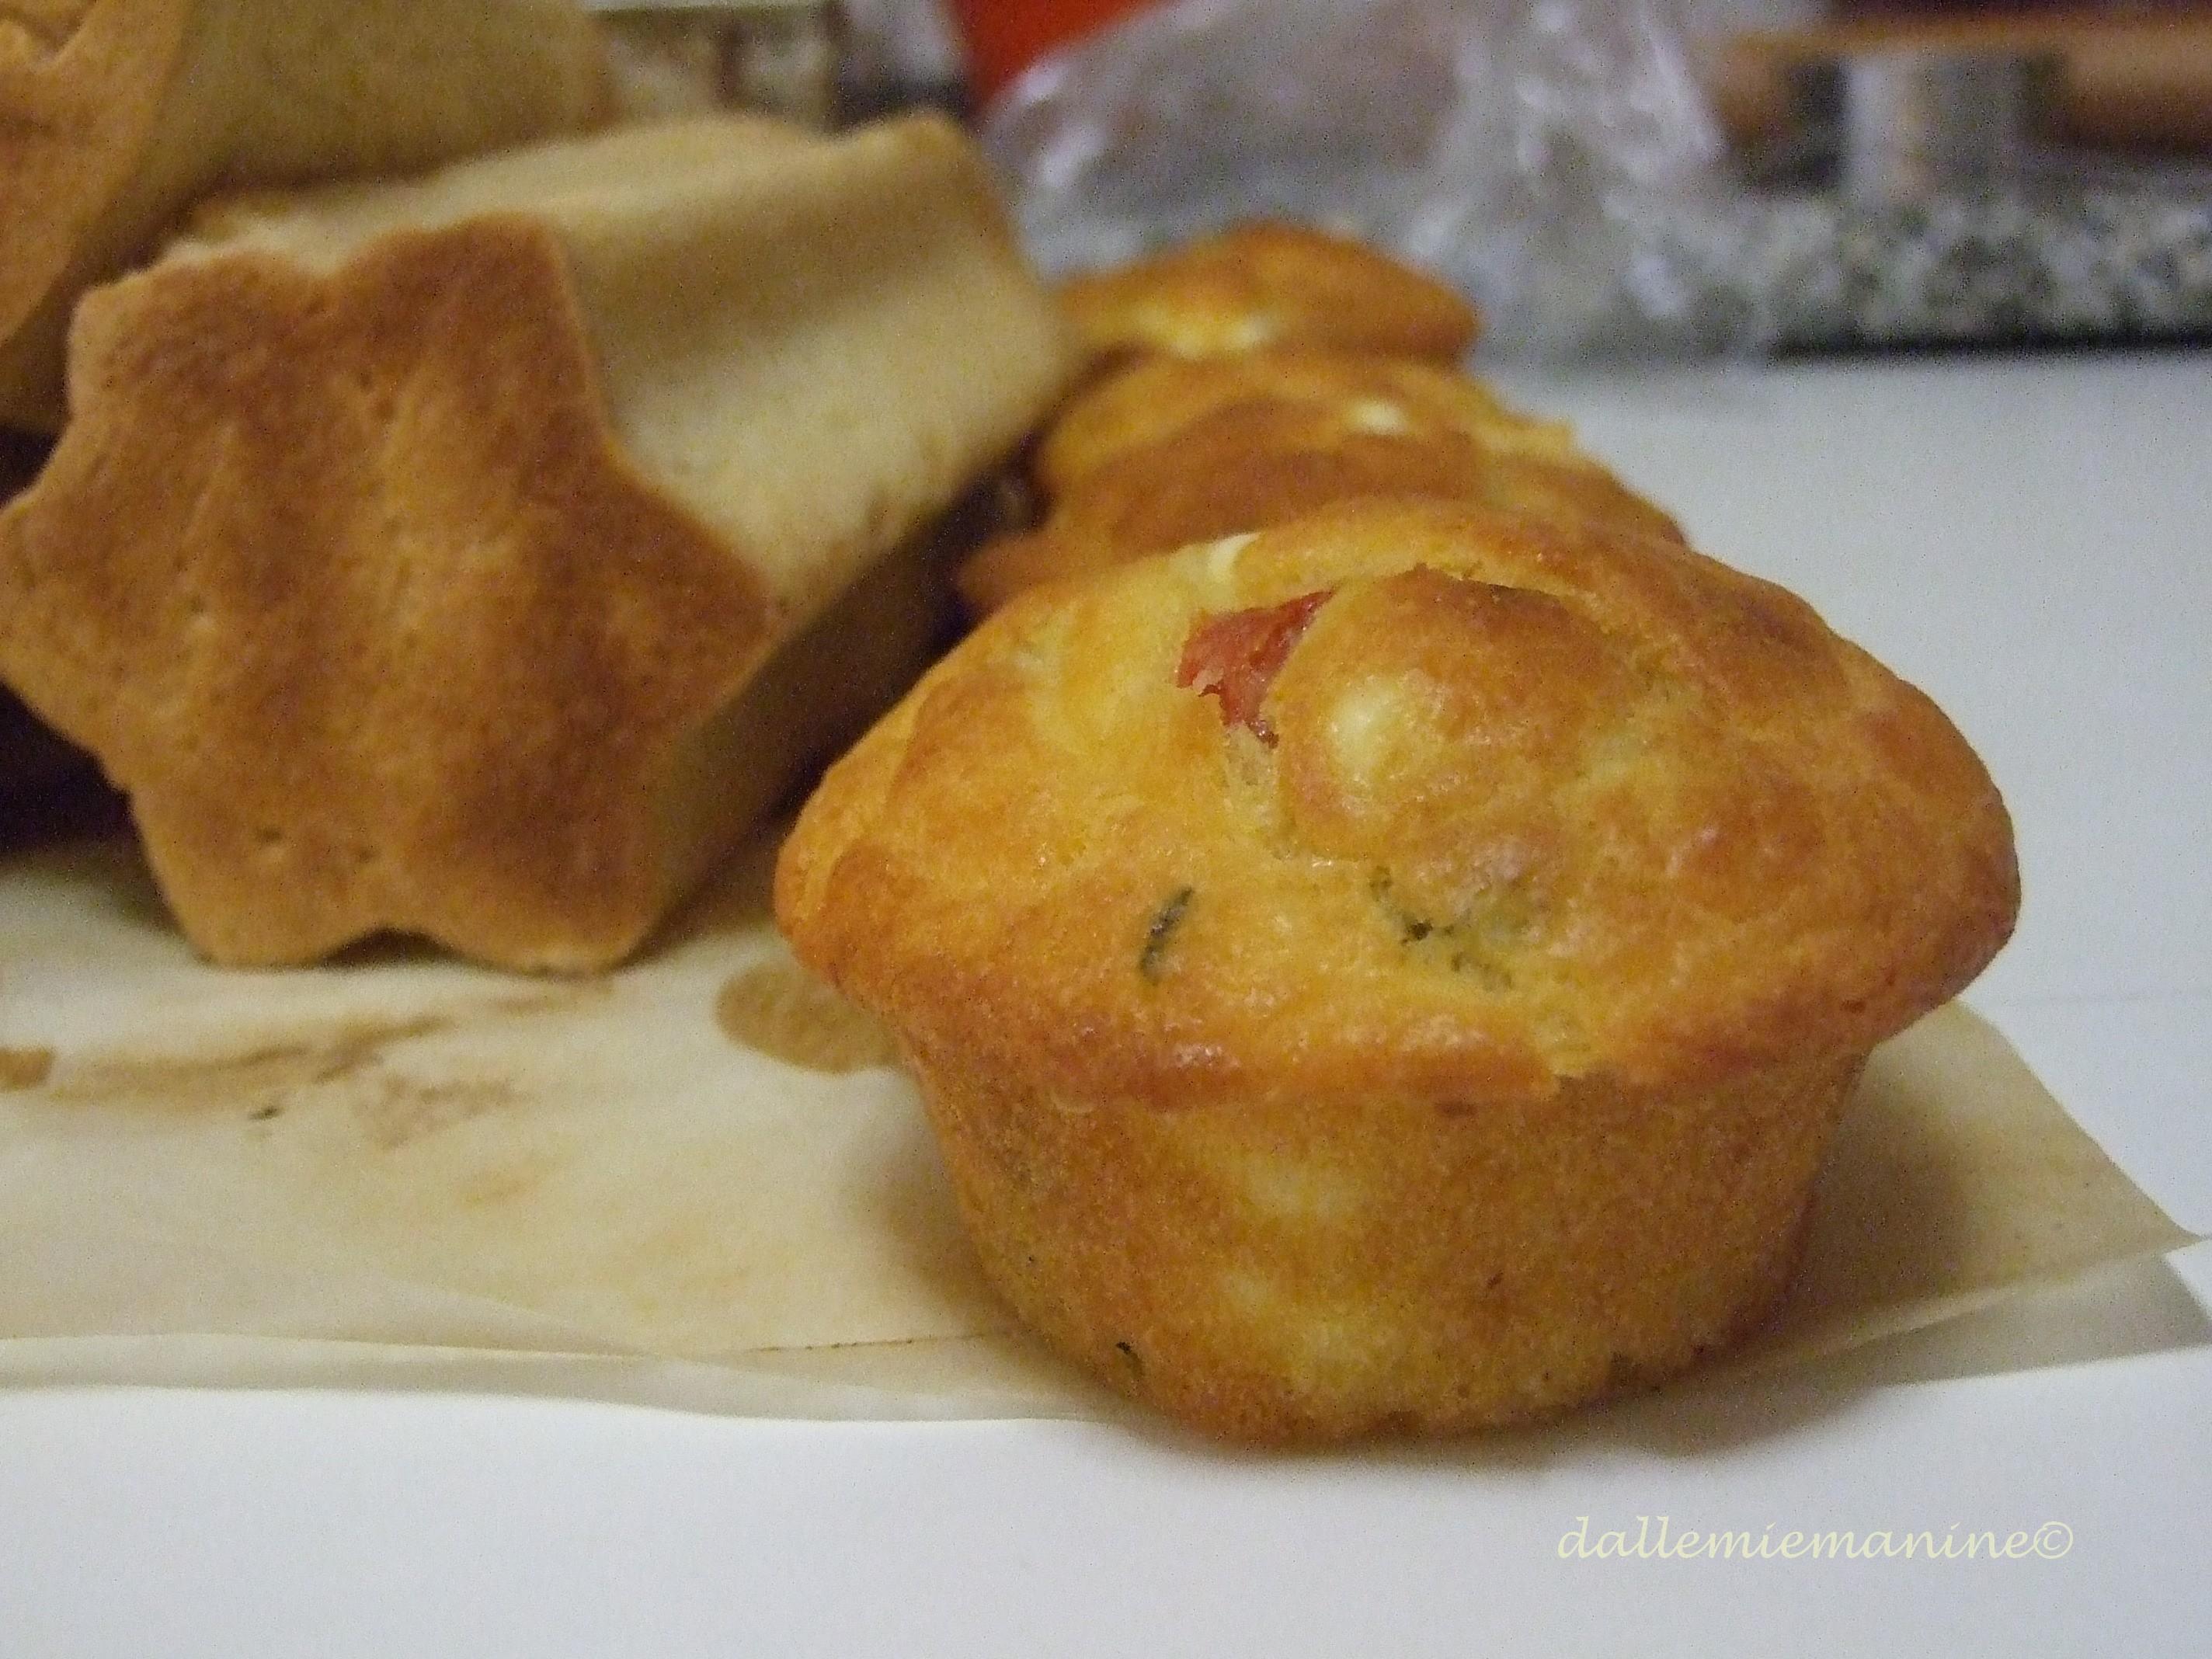 muffin i2